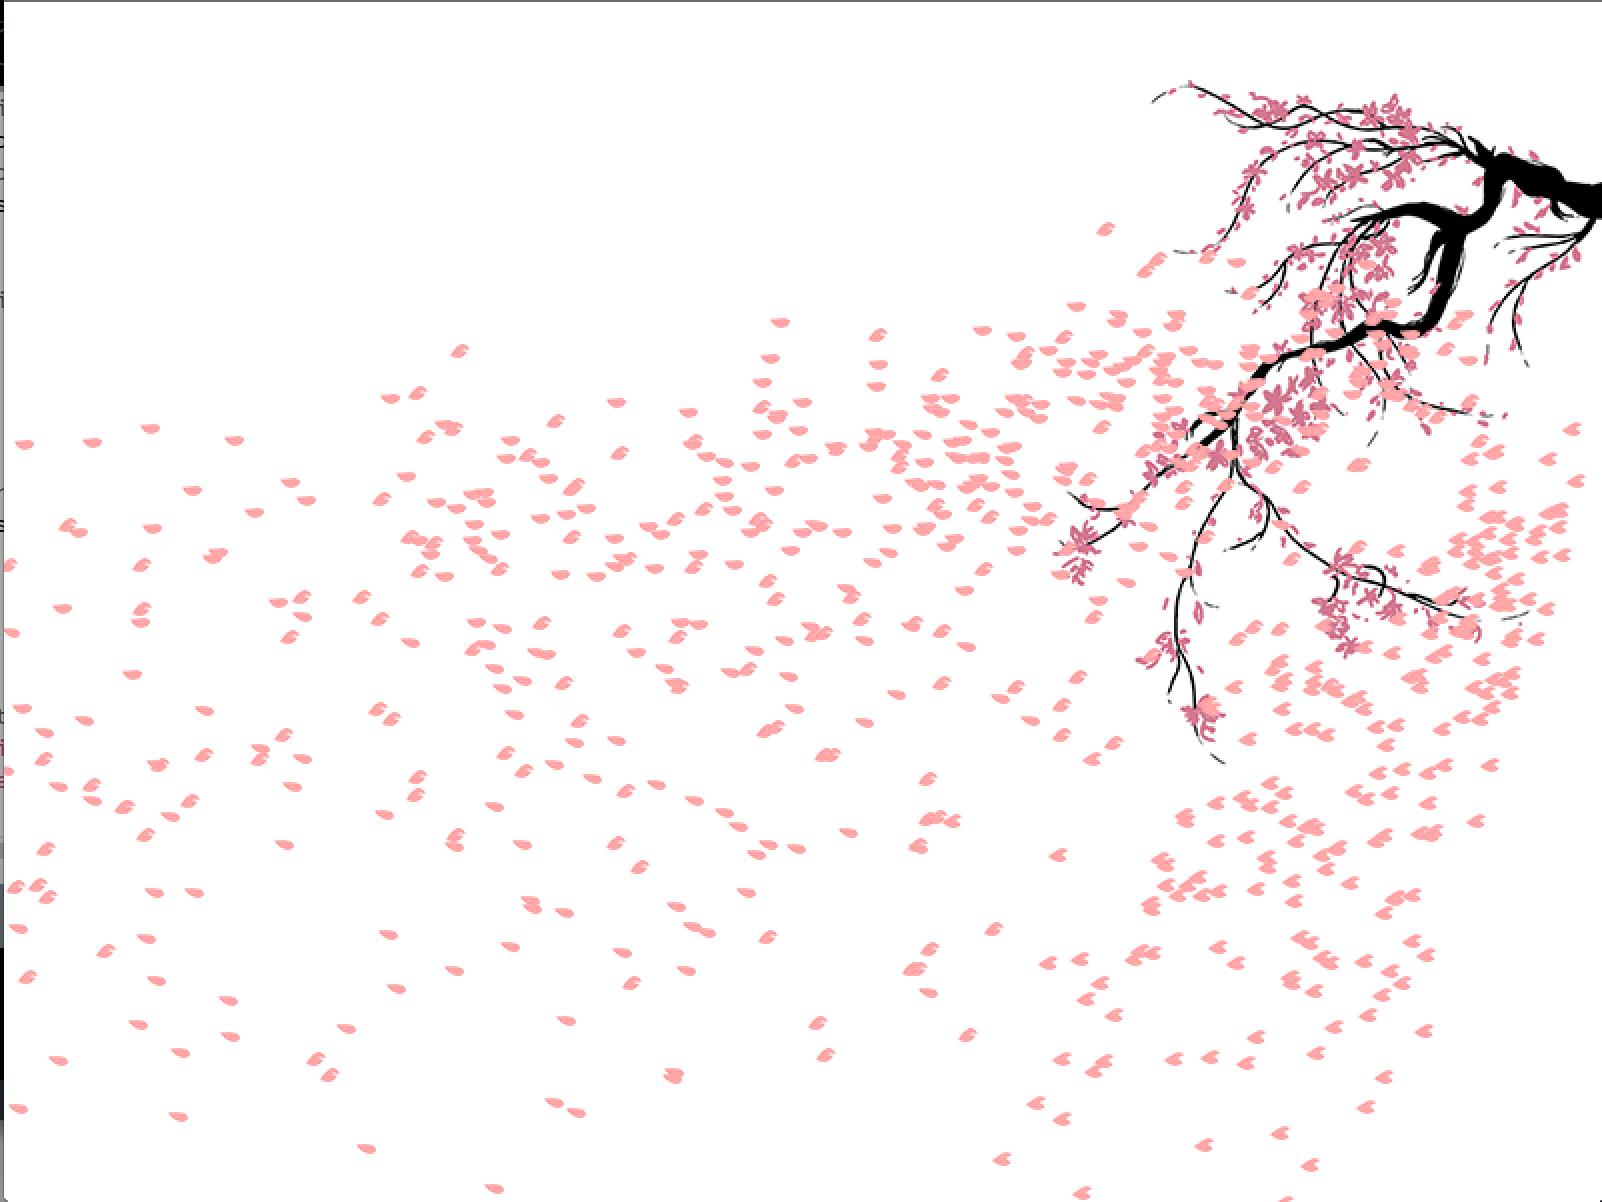 Cherry Blossom Petals Png (+).